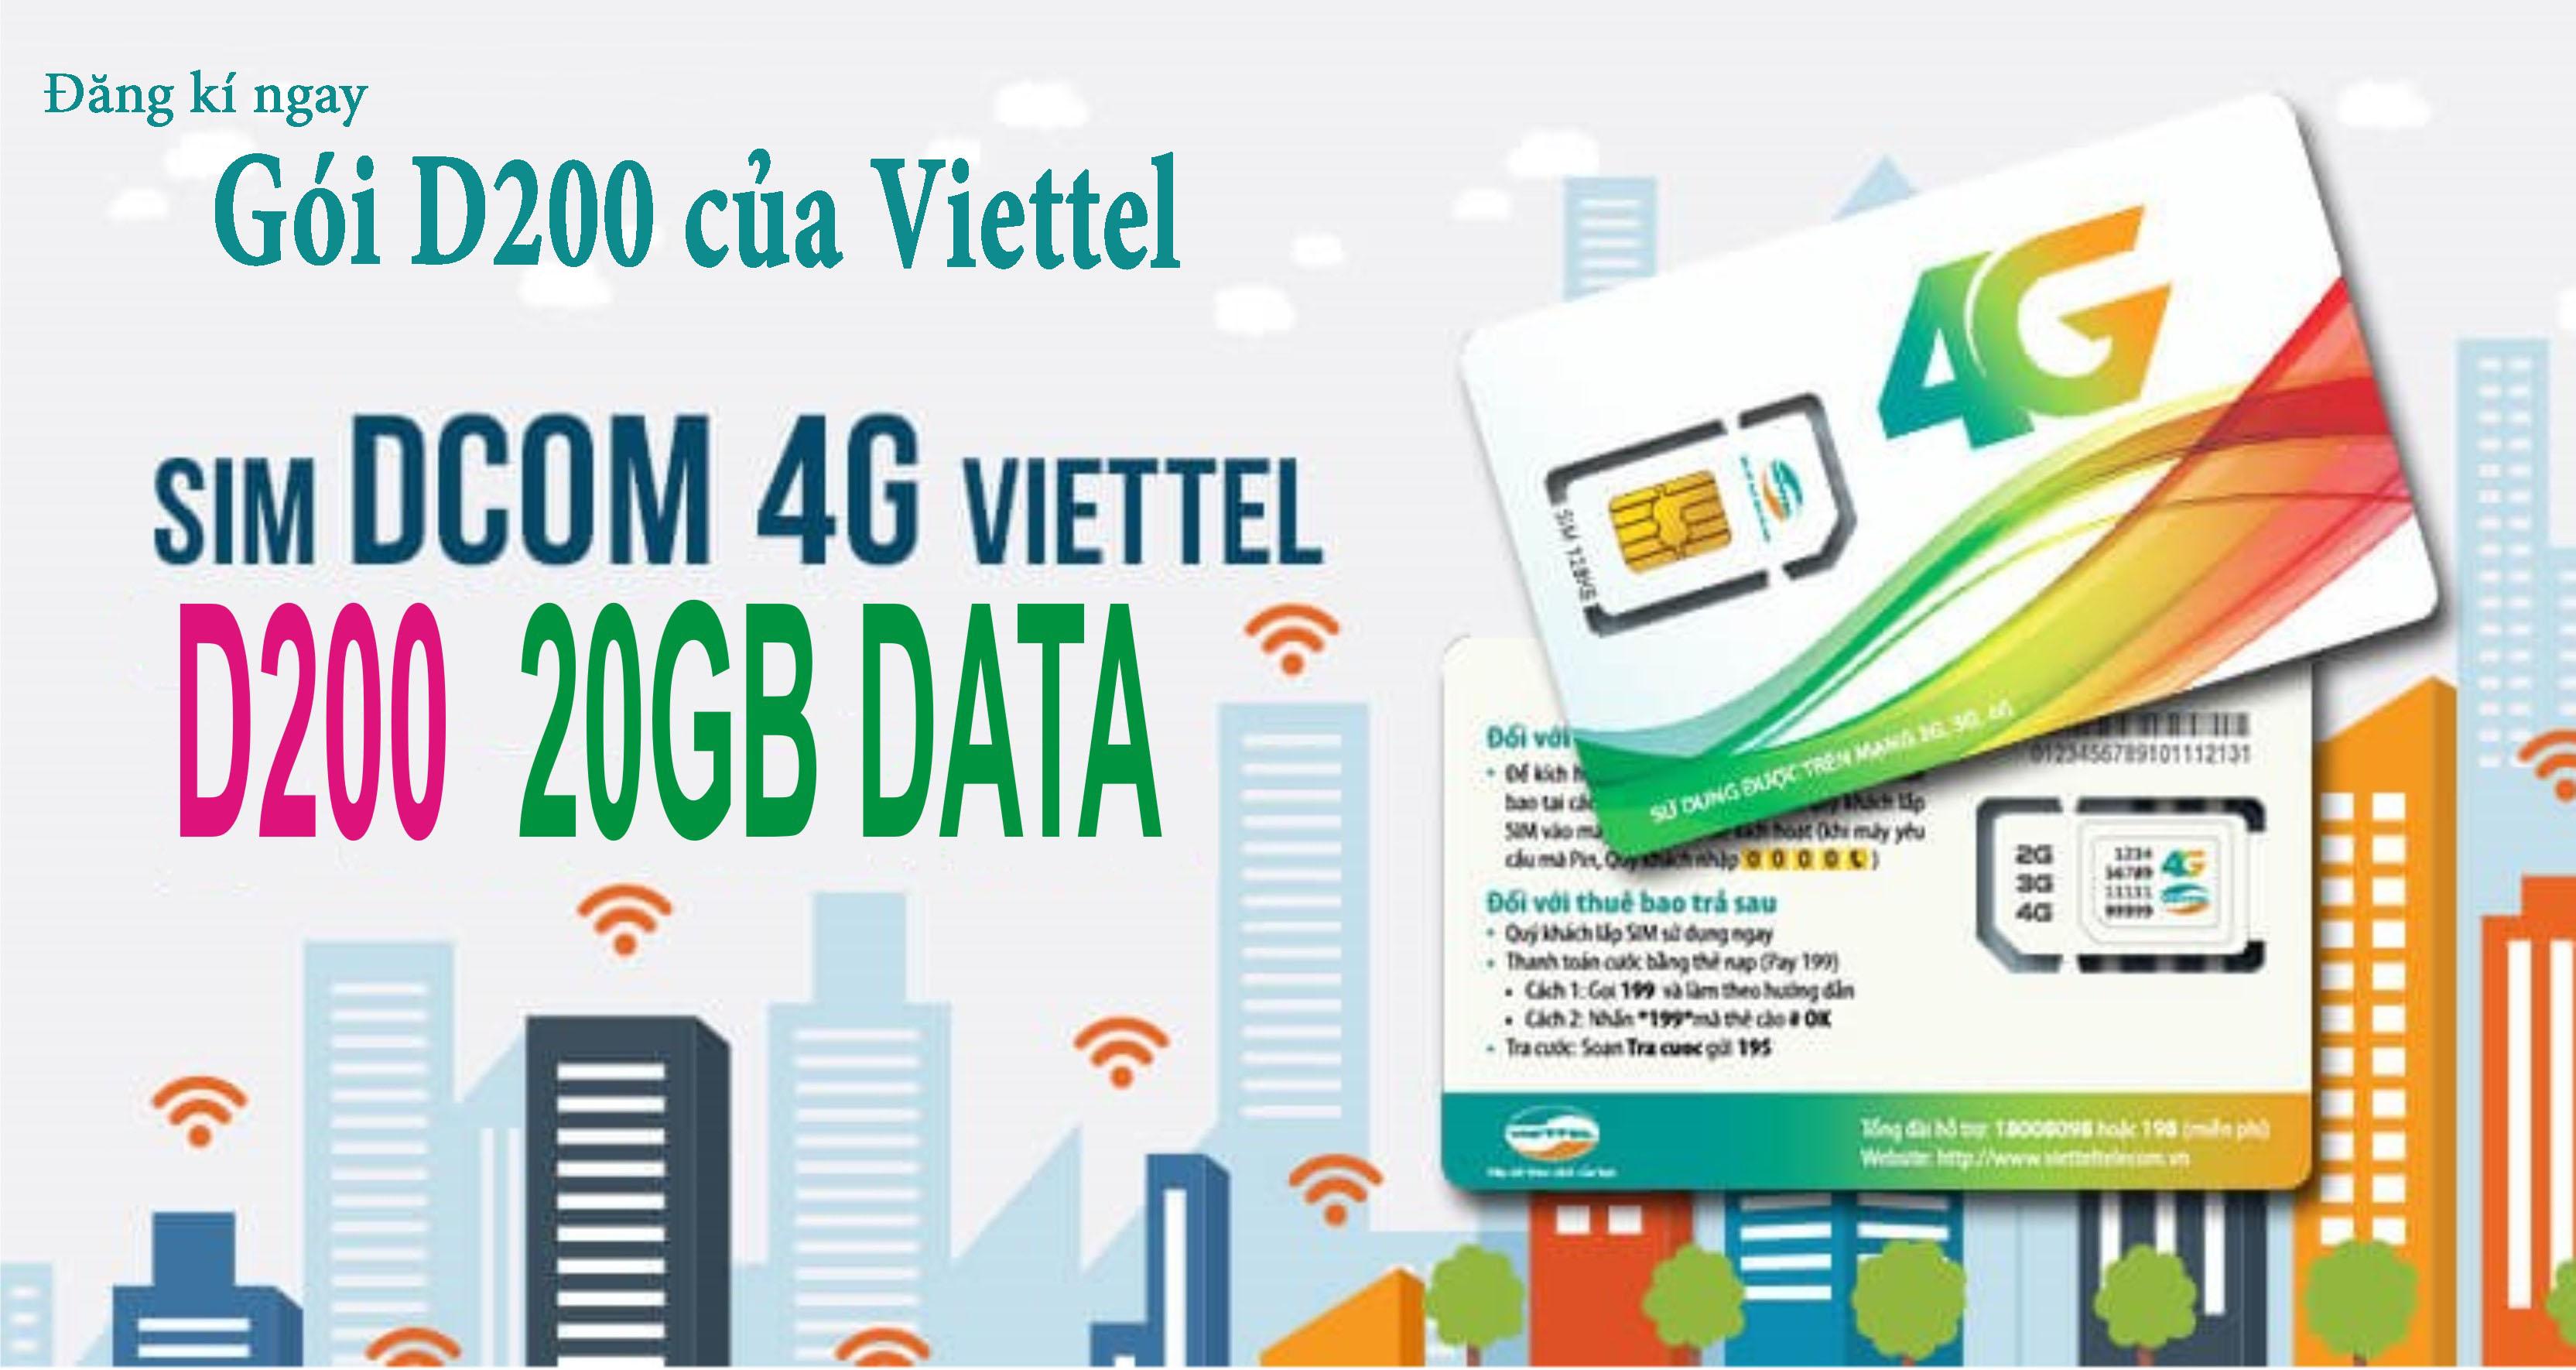 Đăng kí ngay gói 3G D200 Viettel nhận ưu đãi